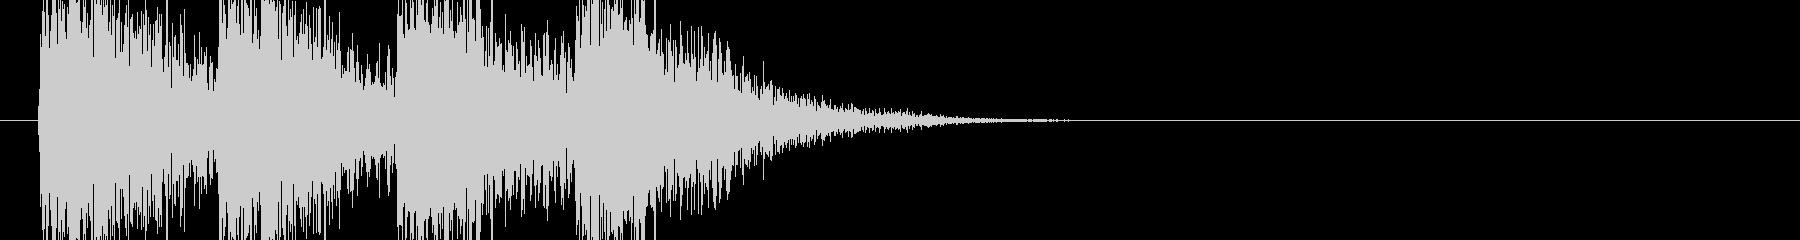 オーケストラヒット 緊迫感 80年代の未再生の波形